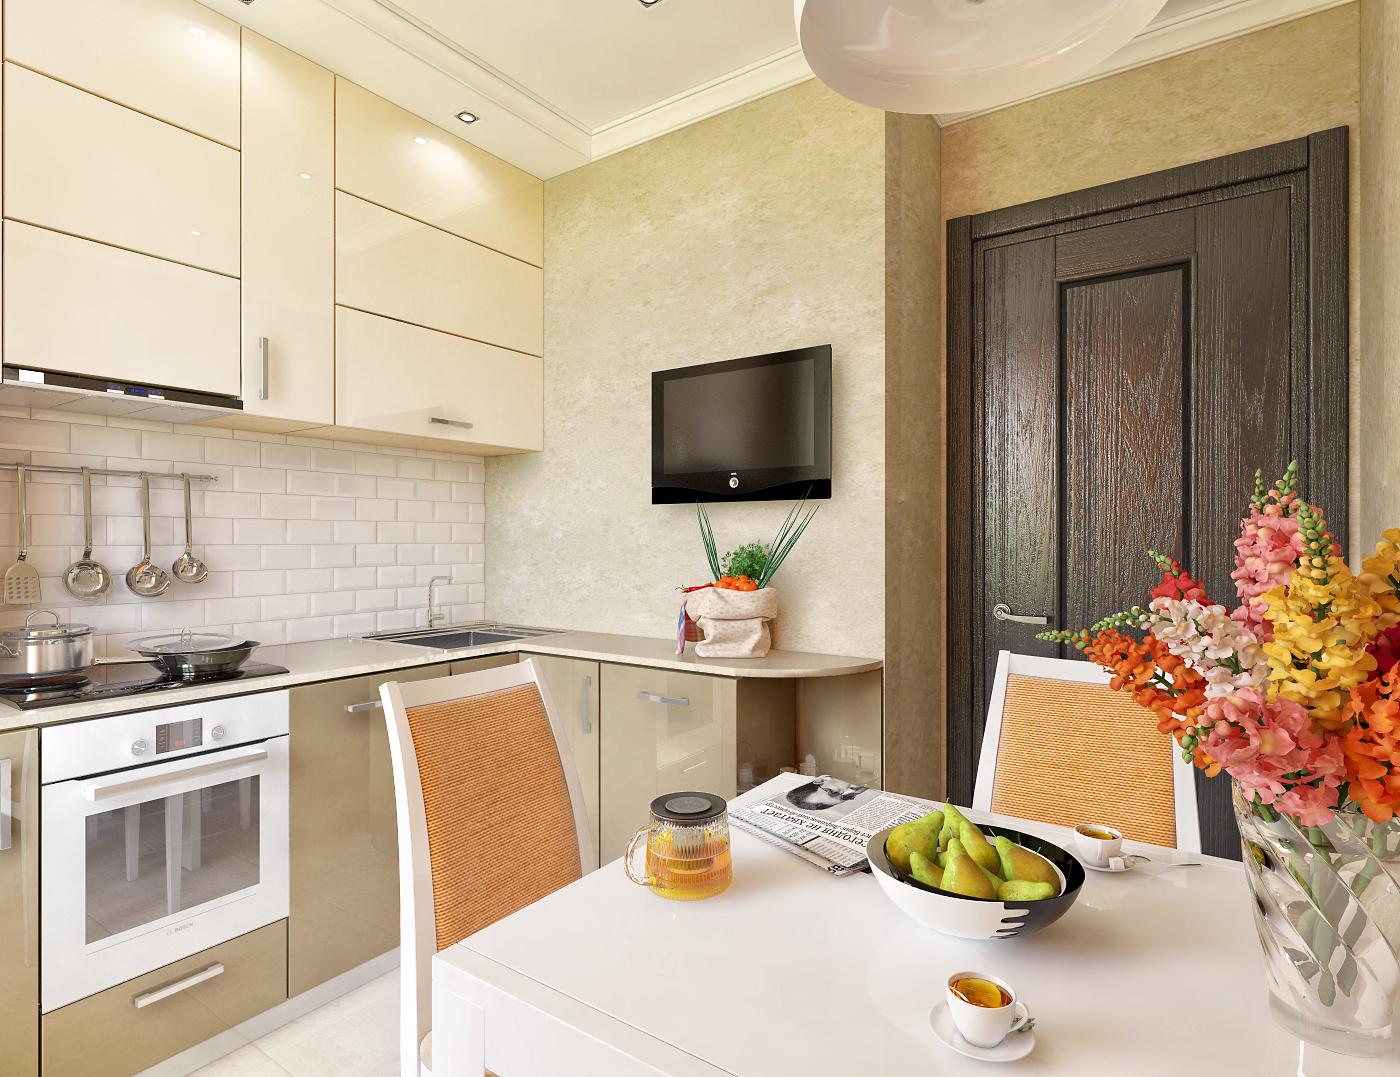 Интерьер кухни 10 кв м с диваном.